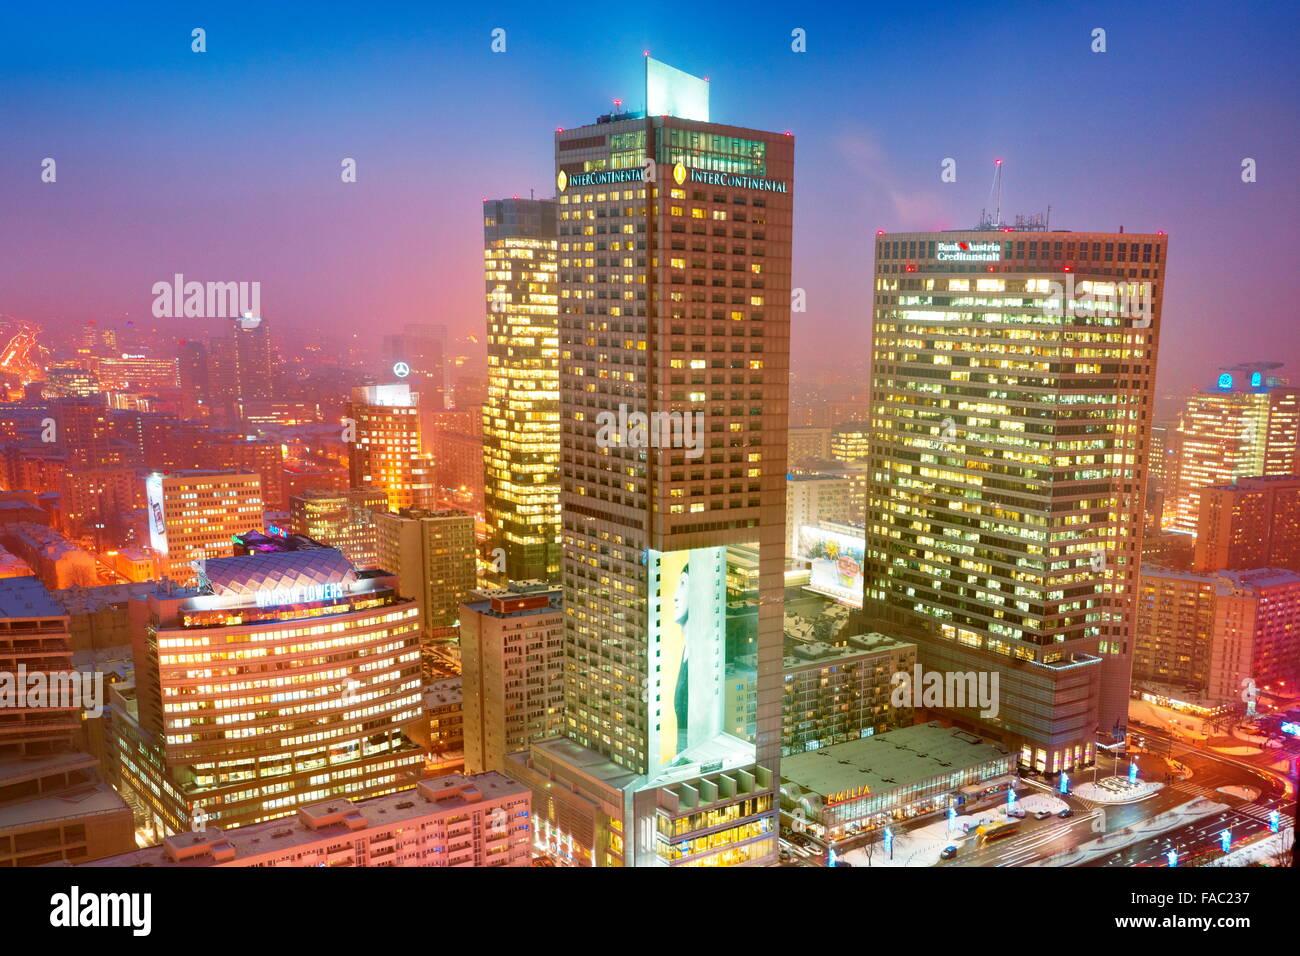 Moderne Stadtteil Skyline von Warschau, Polen Stockbild